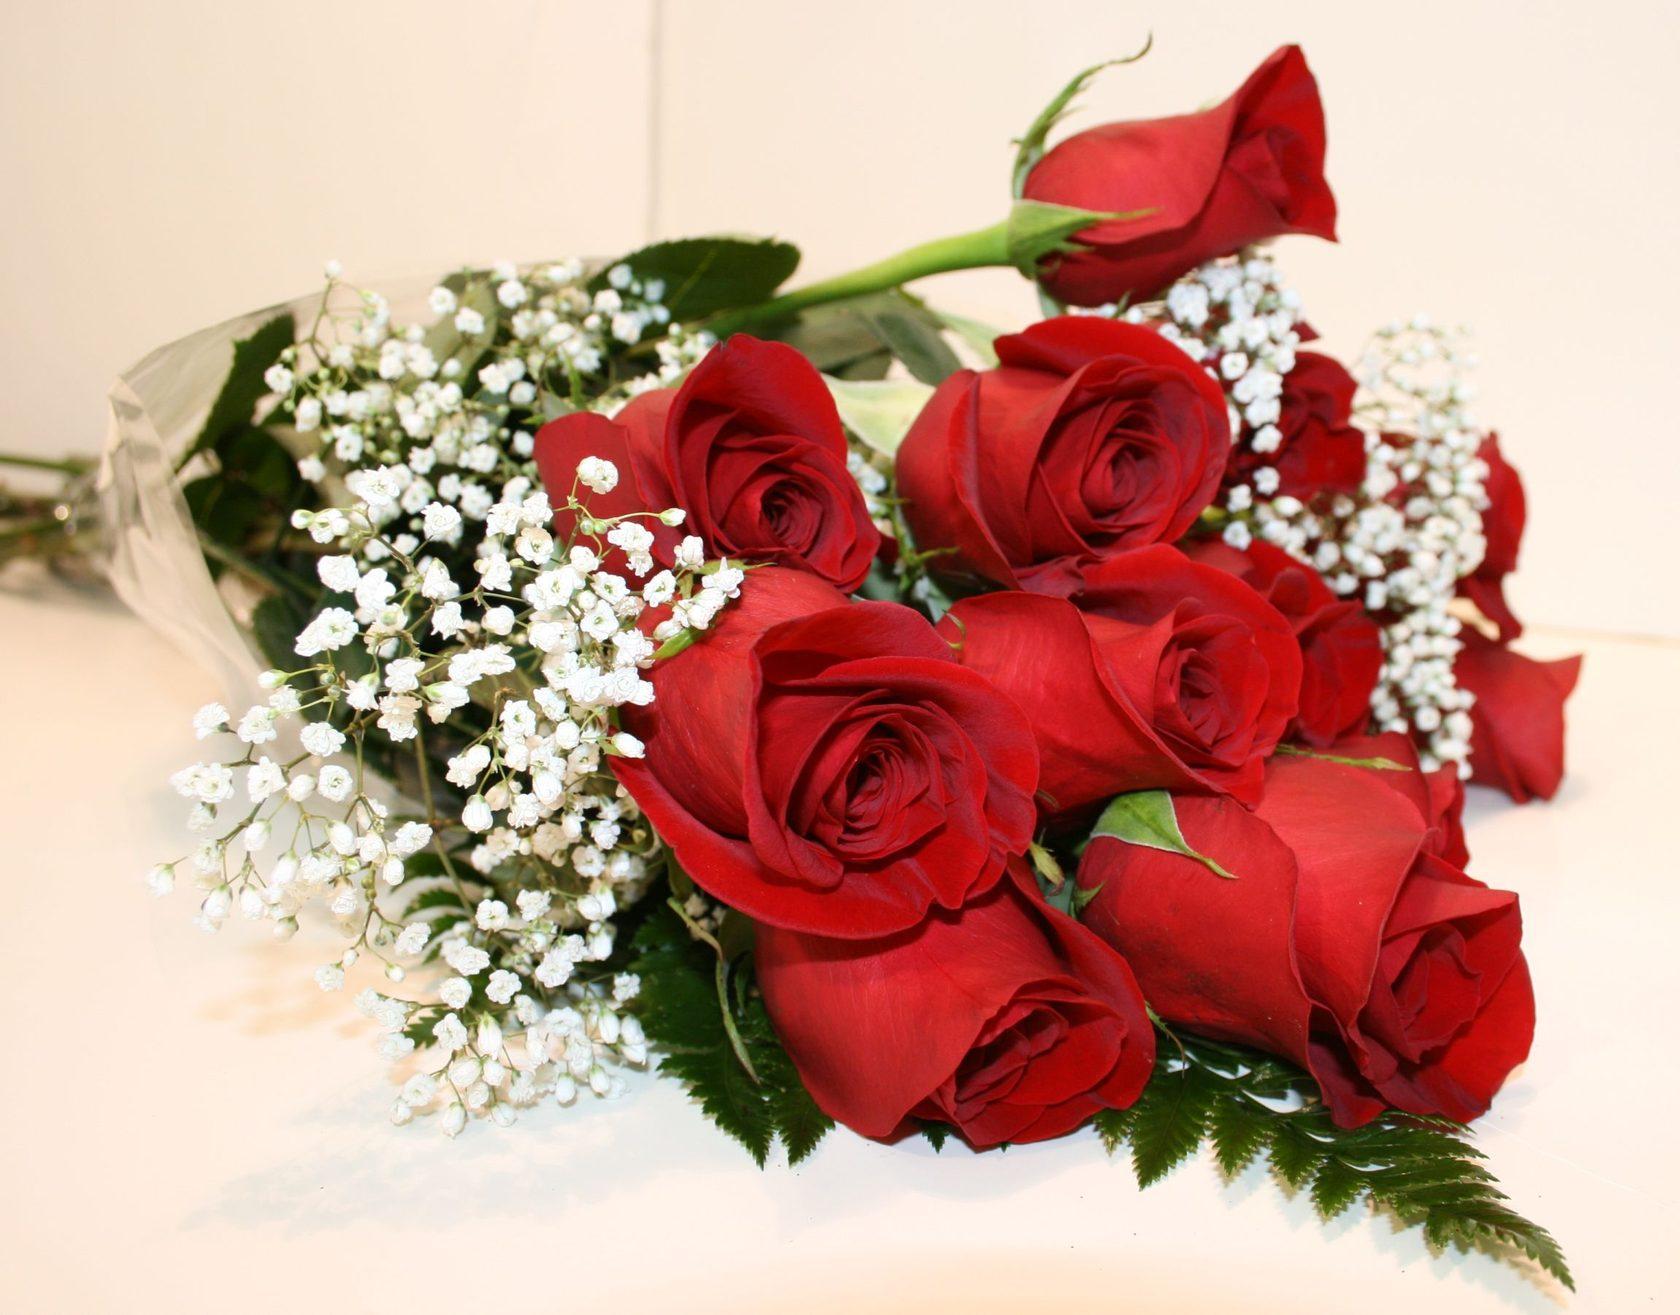 Красивый букет цветов для девушки отправить картинку, женись картинки